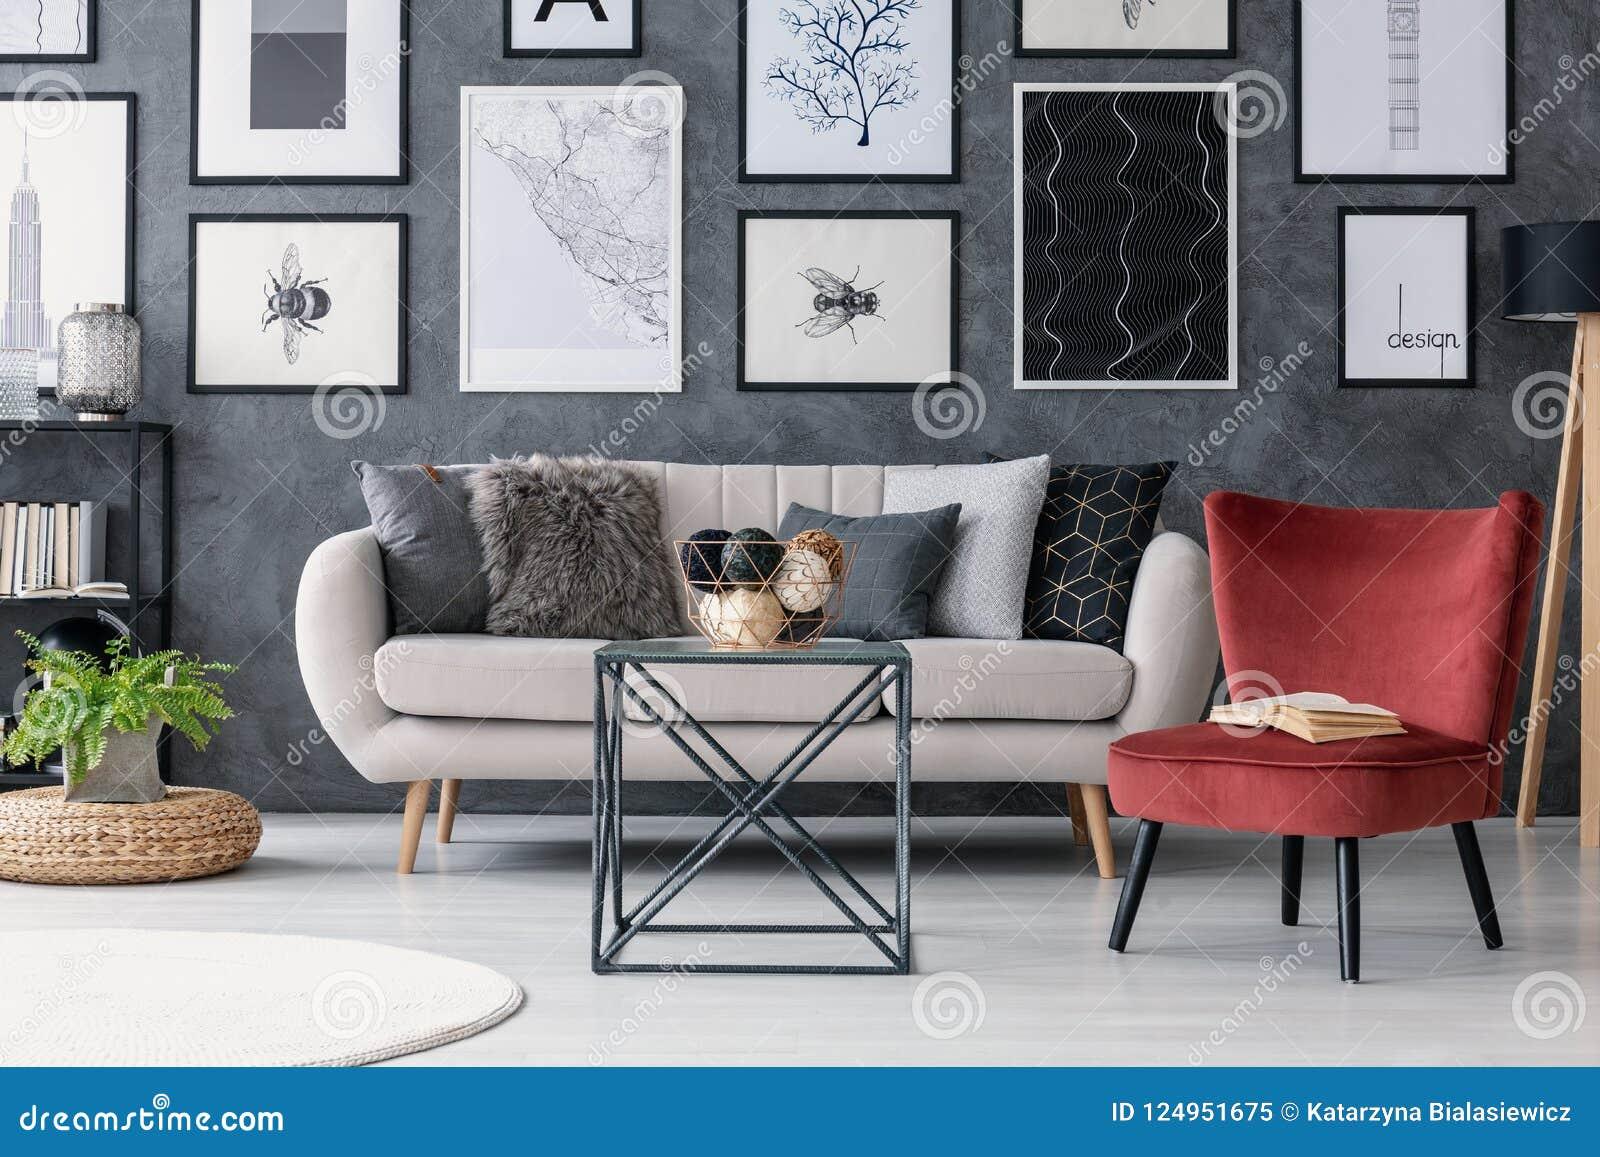 Красный стул рядом с таблицей и креслом в современном интерьере квартиры с галереей и заводом на pouf Реальное фото